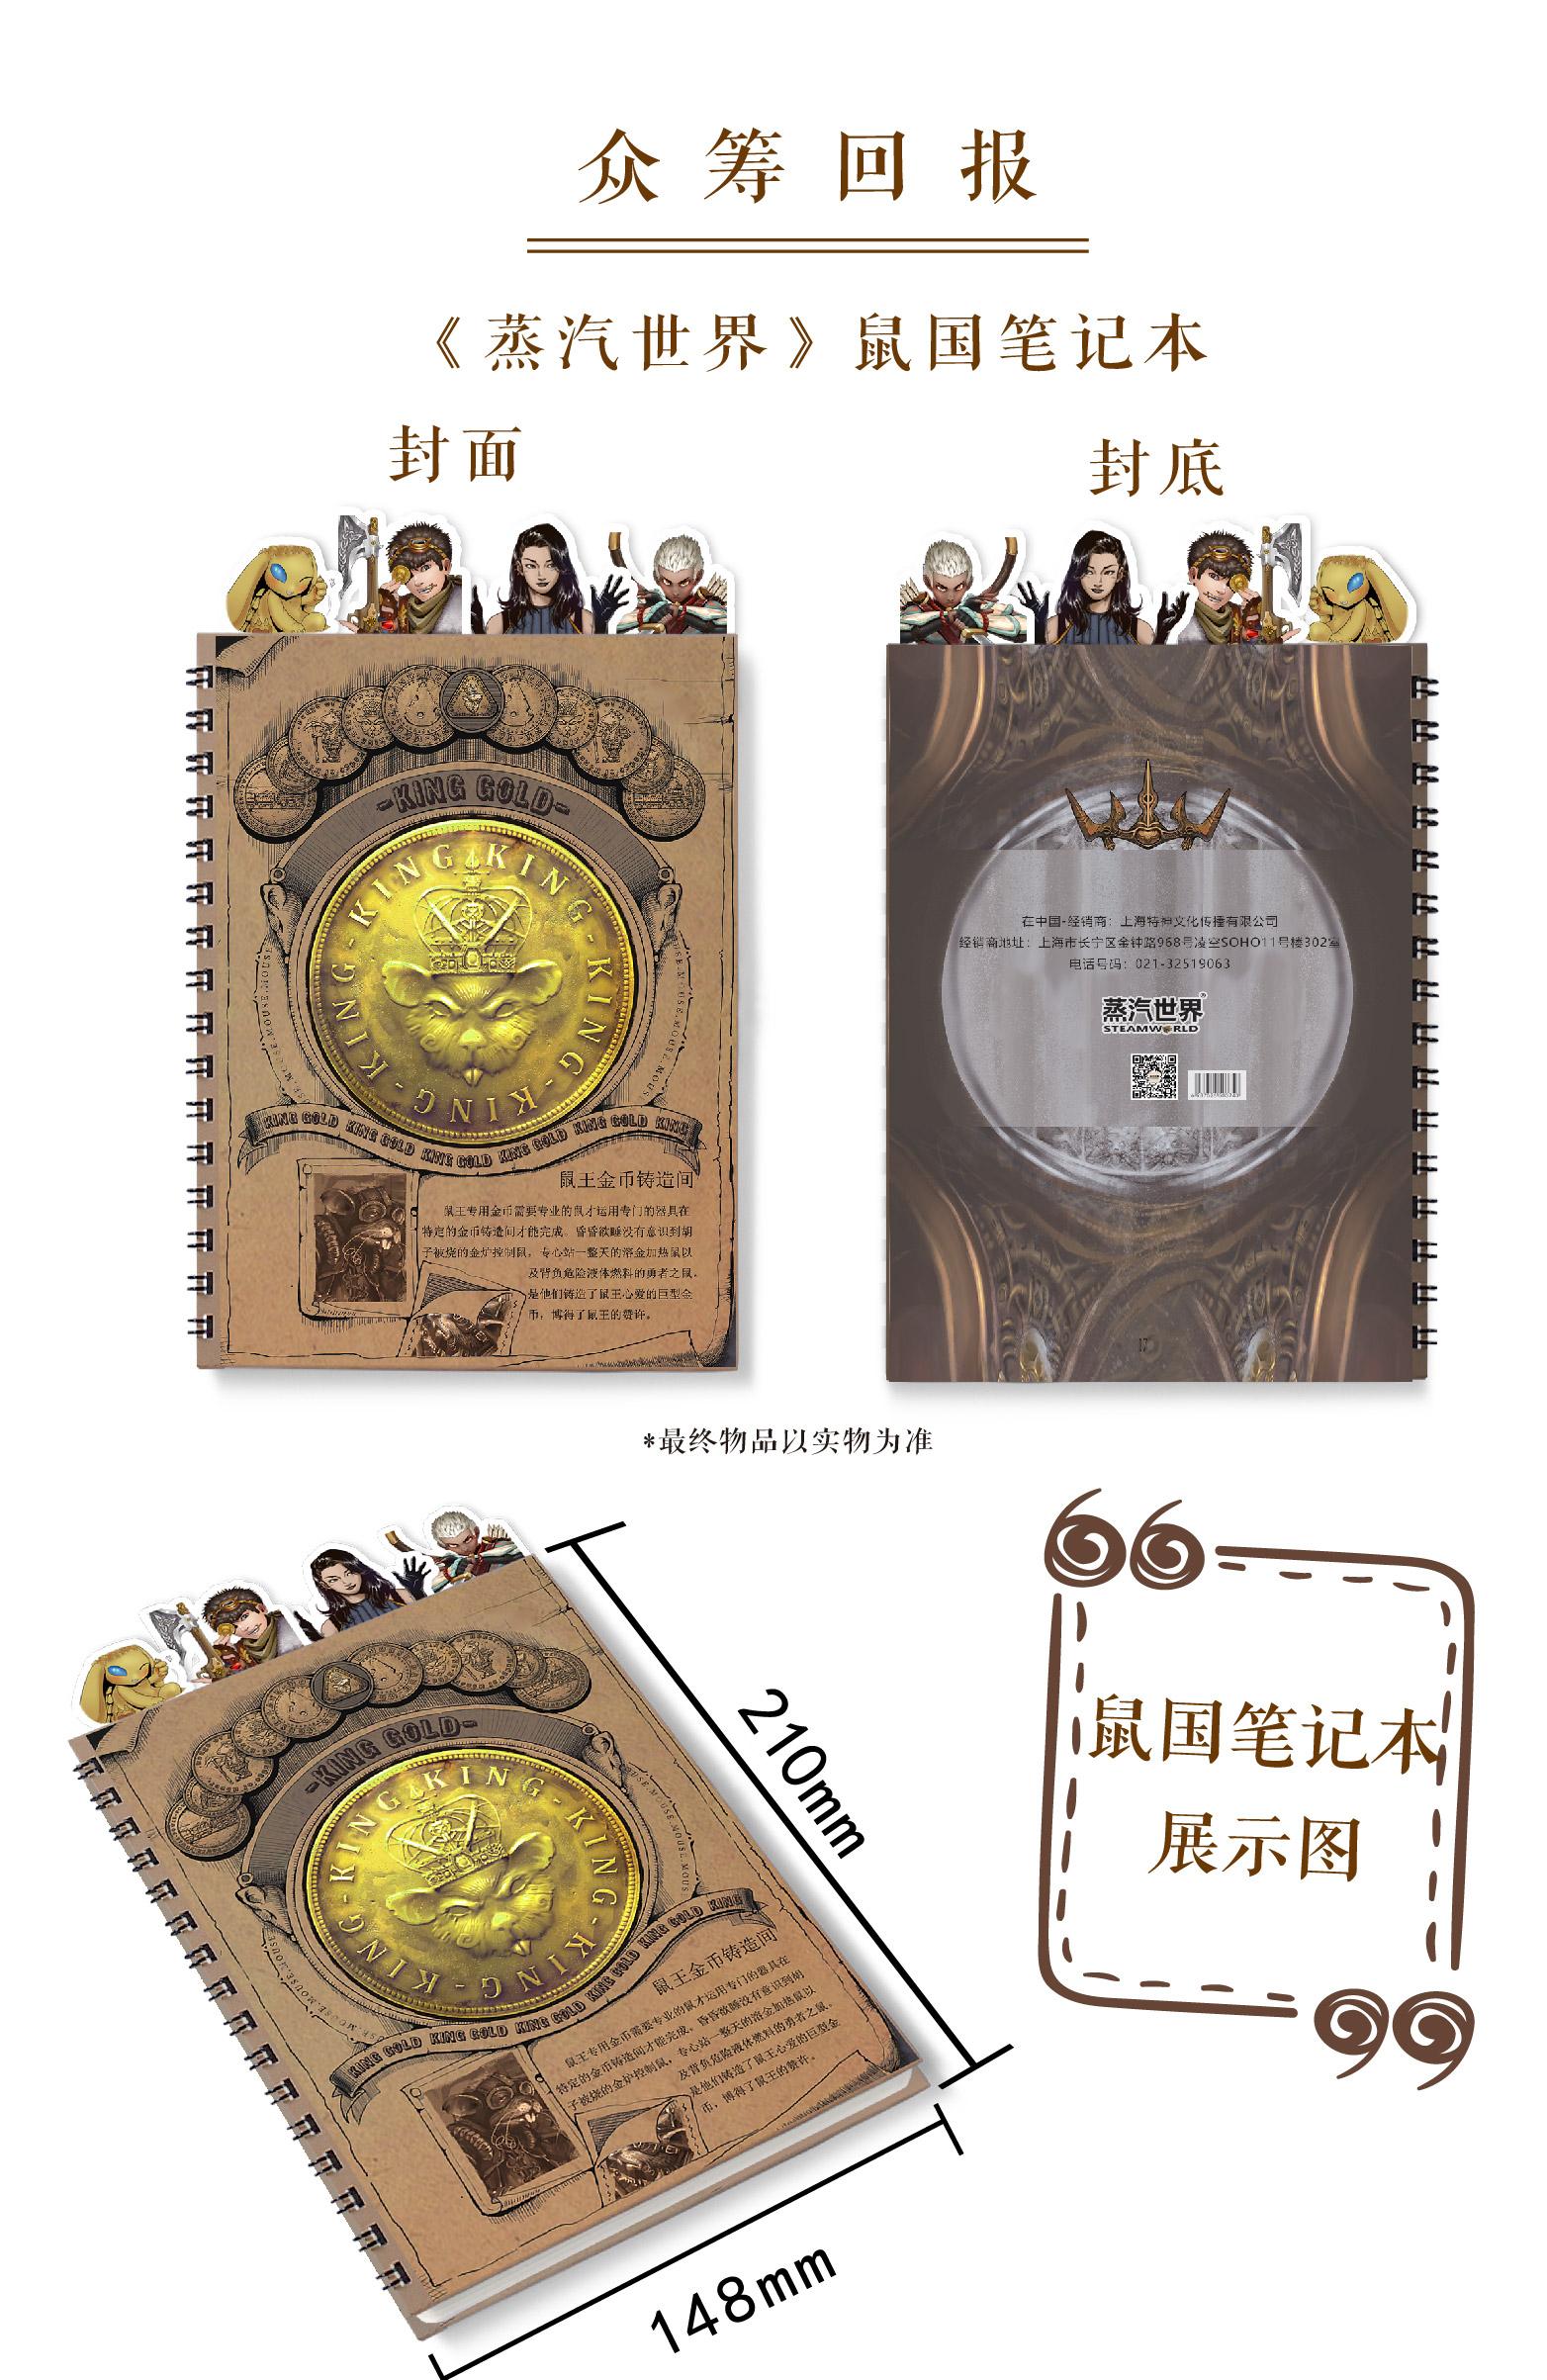 产品介绍-本子-01.jpg